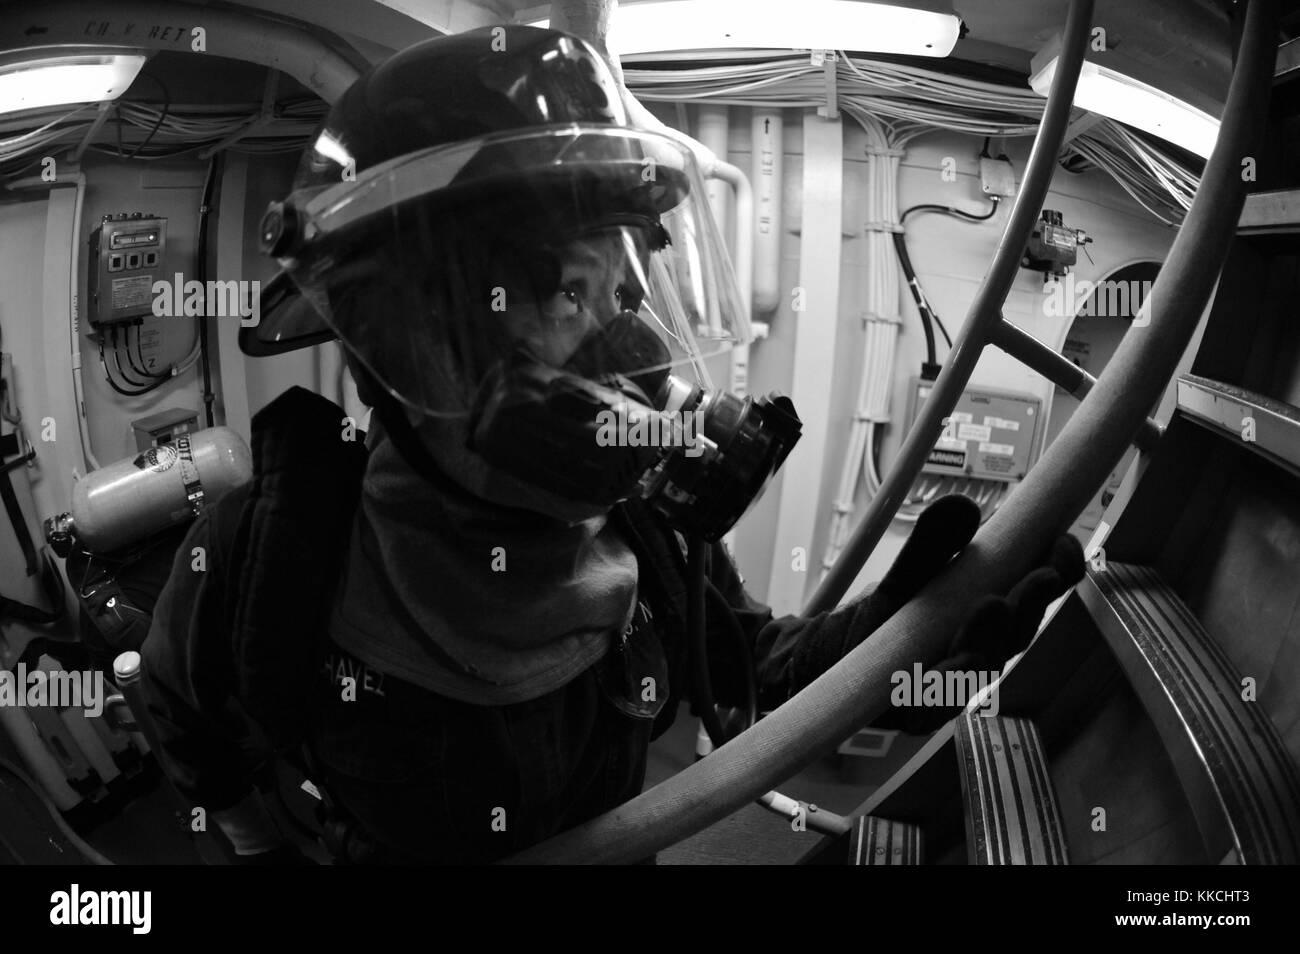 Sistema de turbina de gas técnico bombero mecánico isabel Chávez, asignado a la clase Arleigh Burke de misiles guiados destructor USS mccampbell ddg 85, pasa por una manguera de incendios a los marineros luchando contra un incendio simulado durante un taladro de control de daños, el mar de Japón. Imagen cortesía de especialista en comunicación de masas seaman declan barnes/us navy. 2012. Foto de stock